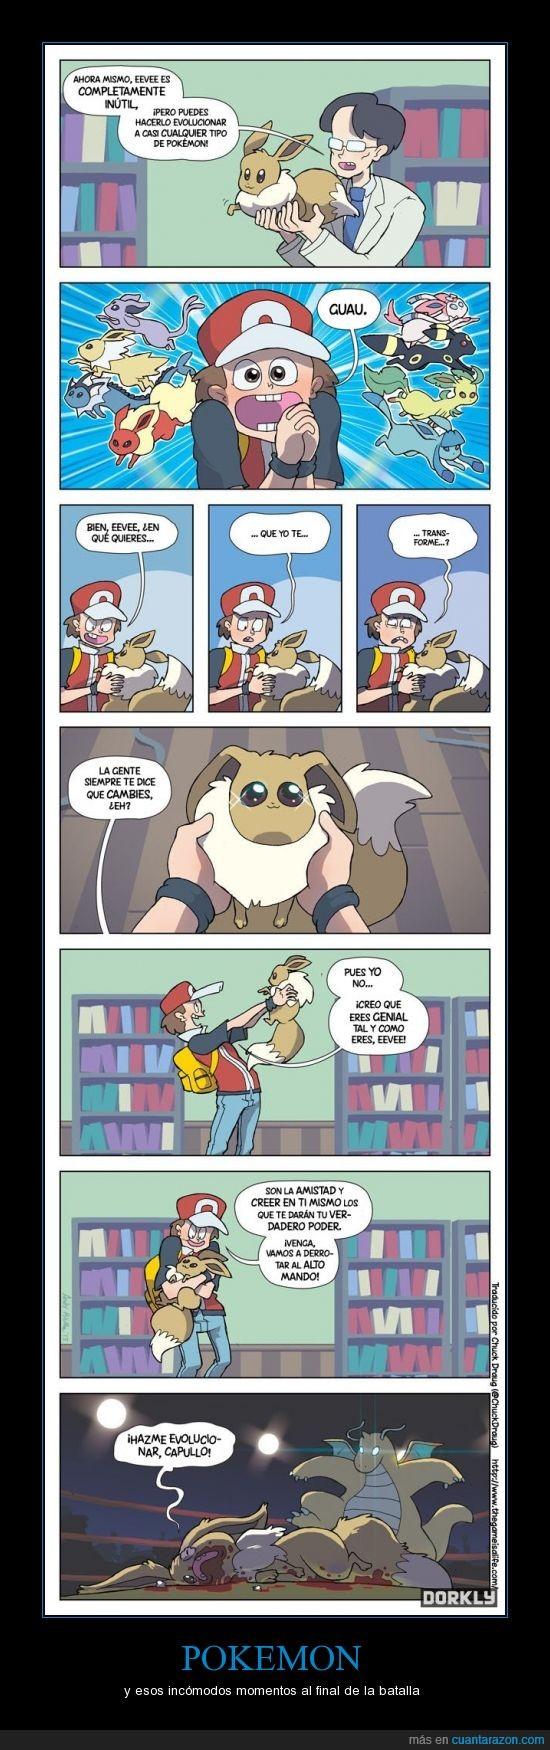 como pikachu,eeve,evolución,evolucionar? no gracias,Pokemon